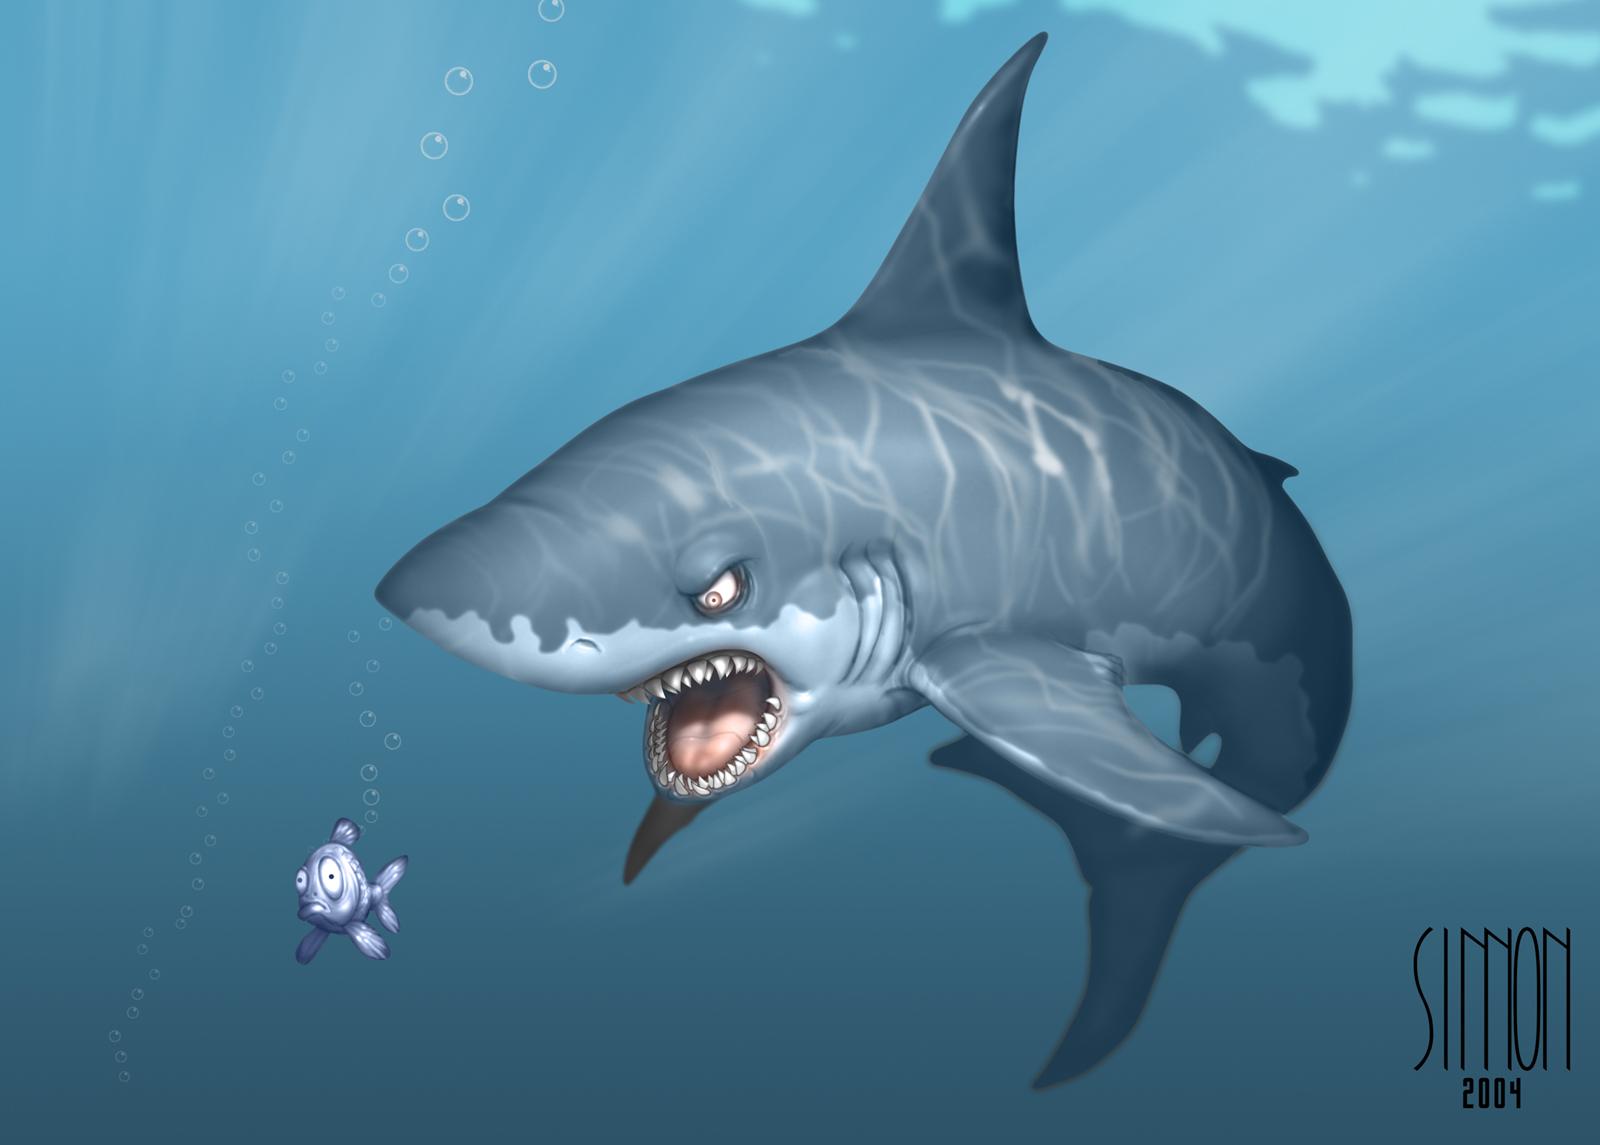 76 Koleksi Gambar Kartun Ikan Hiu Untuk Airbrush Terbaik